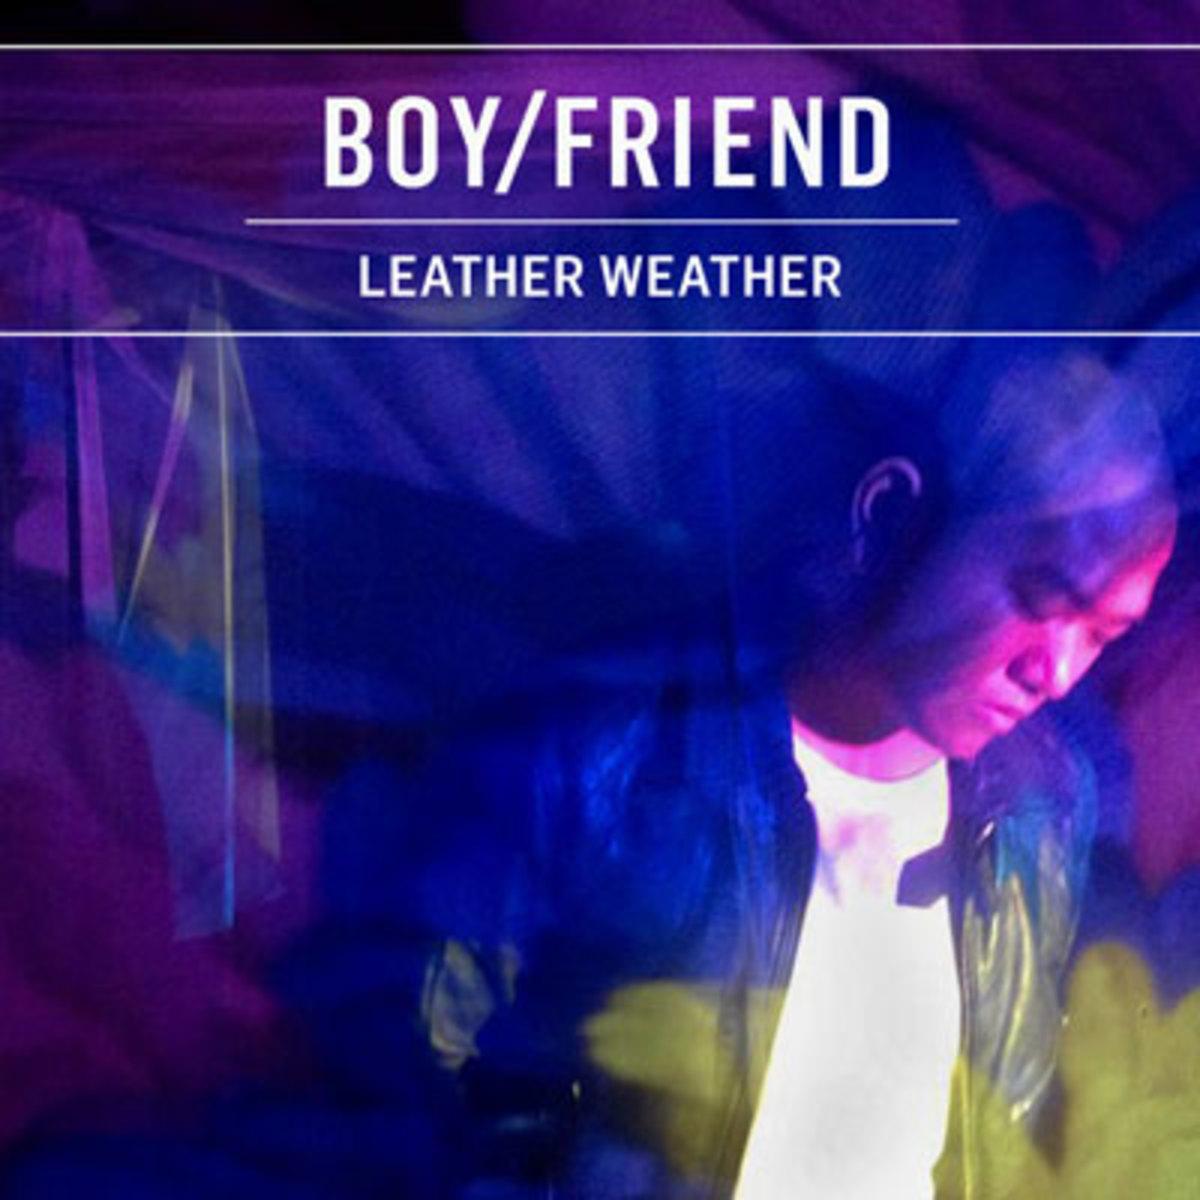 boyfriend-leatherweather.jpg